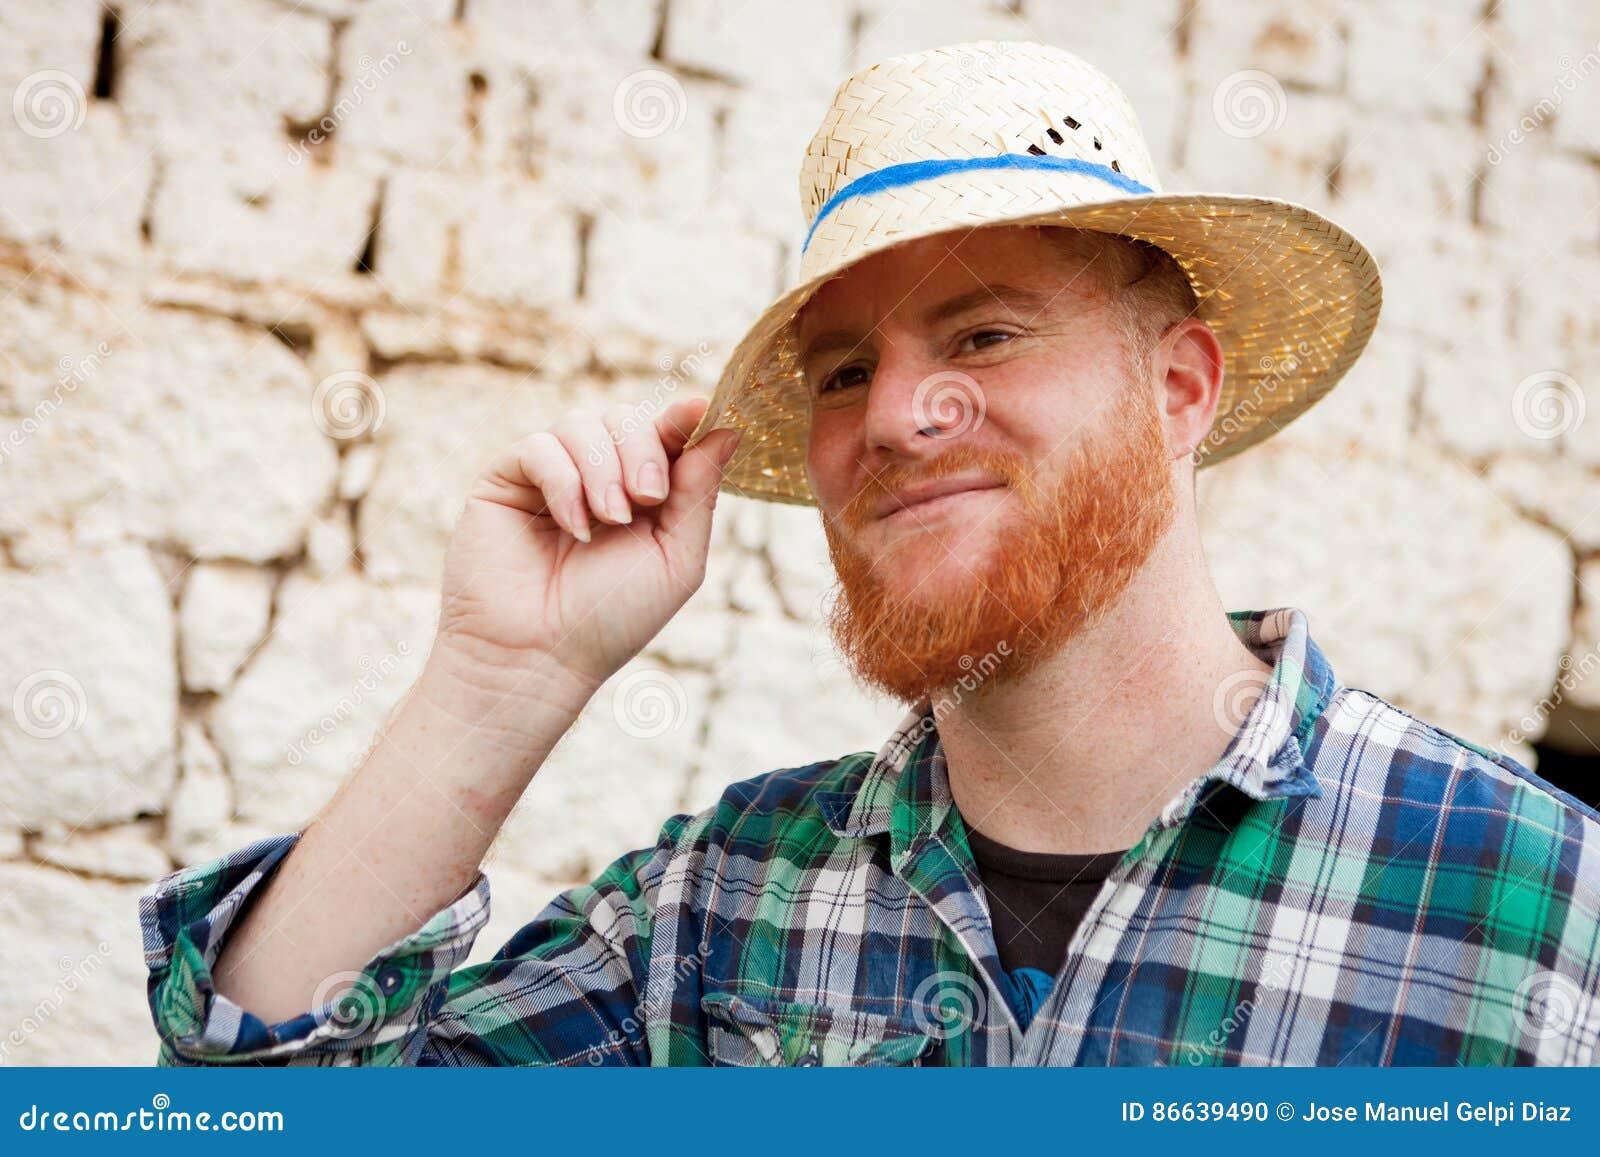 Uomo Dai Capelli Rossi Con Un Cappello Di Paglia Fotografia Stock ... e8983e776d95